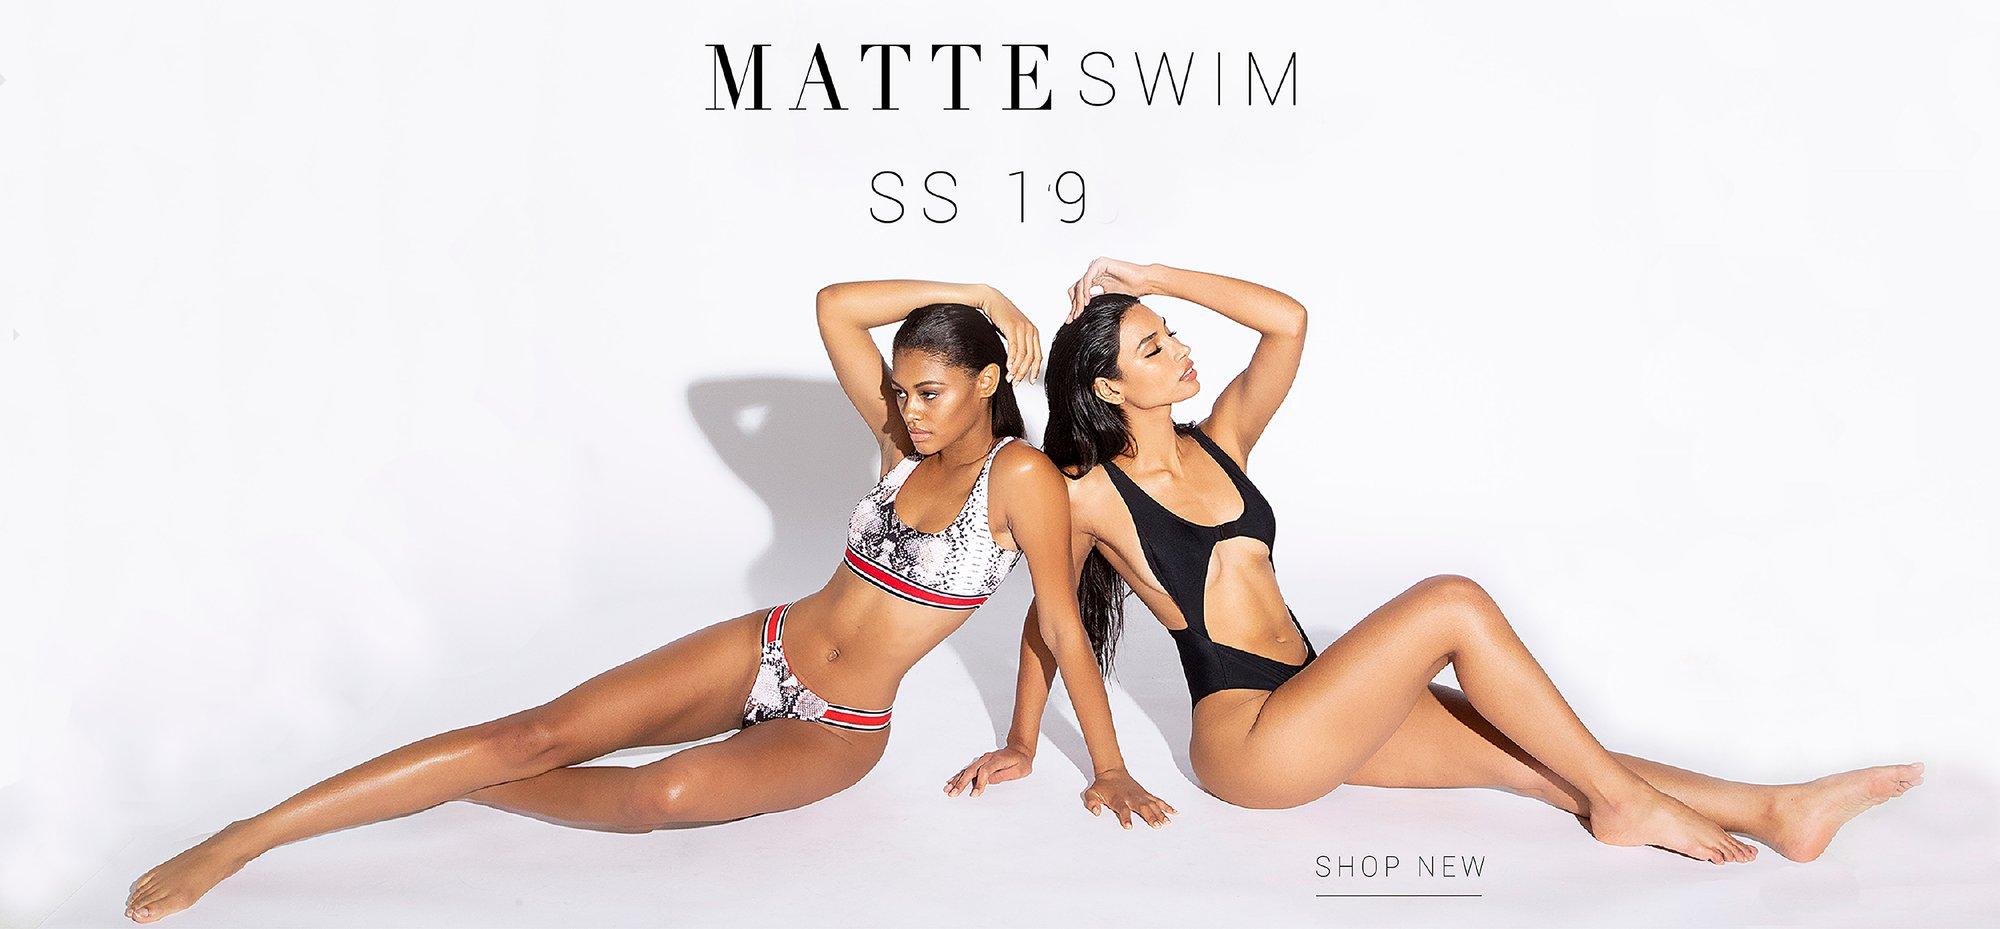 mattecollection swimwear offers